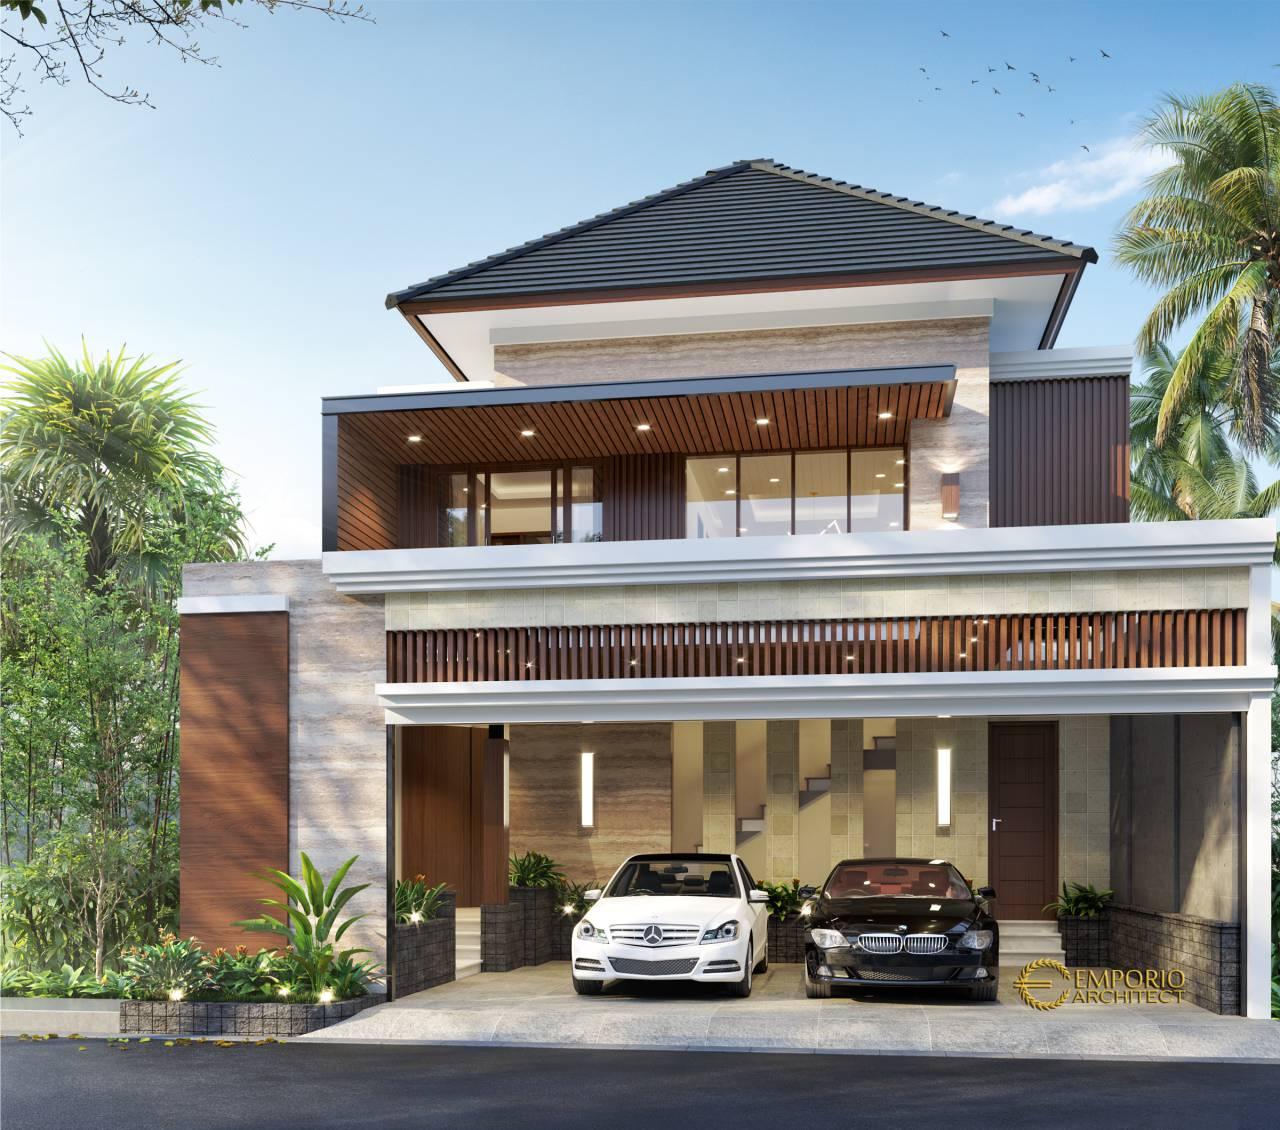 10 Desain Rumah Minimalis Terbaik Pada Lebar Lahan 10 Meter Part 1